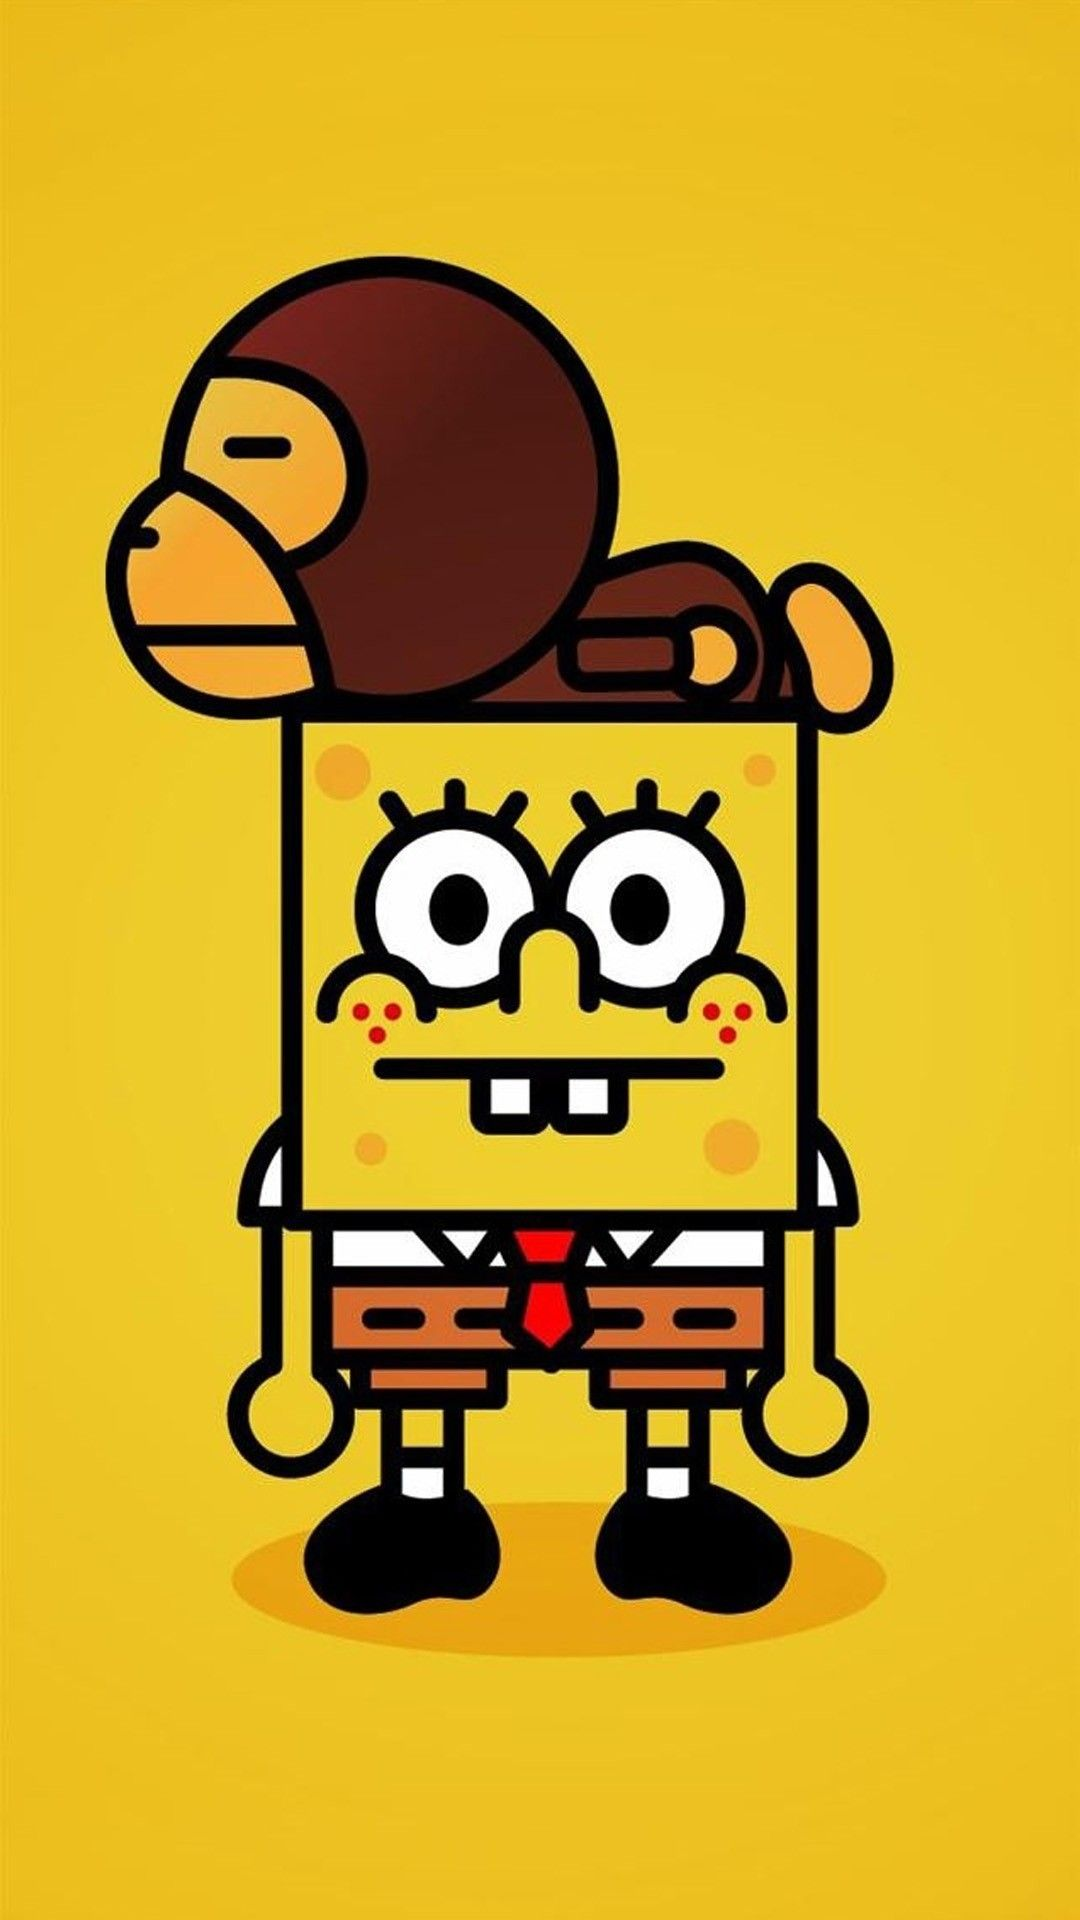 Bape Spongebob Cartoon Wallpaper Iphone Iphone Cartoon Spongebob Wallpaper